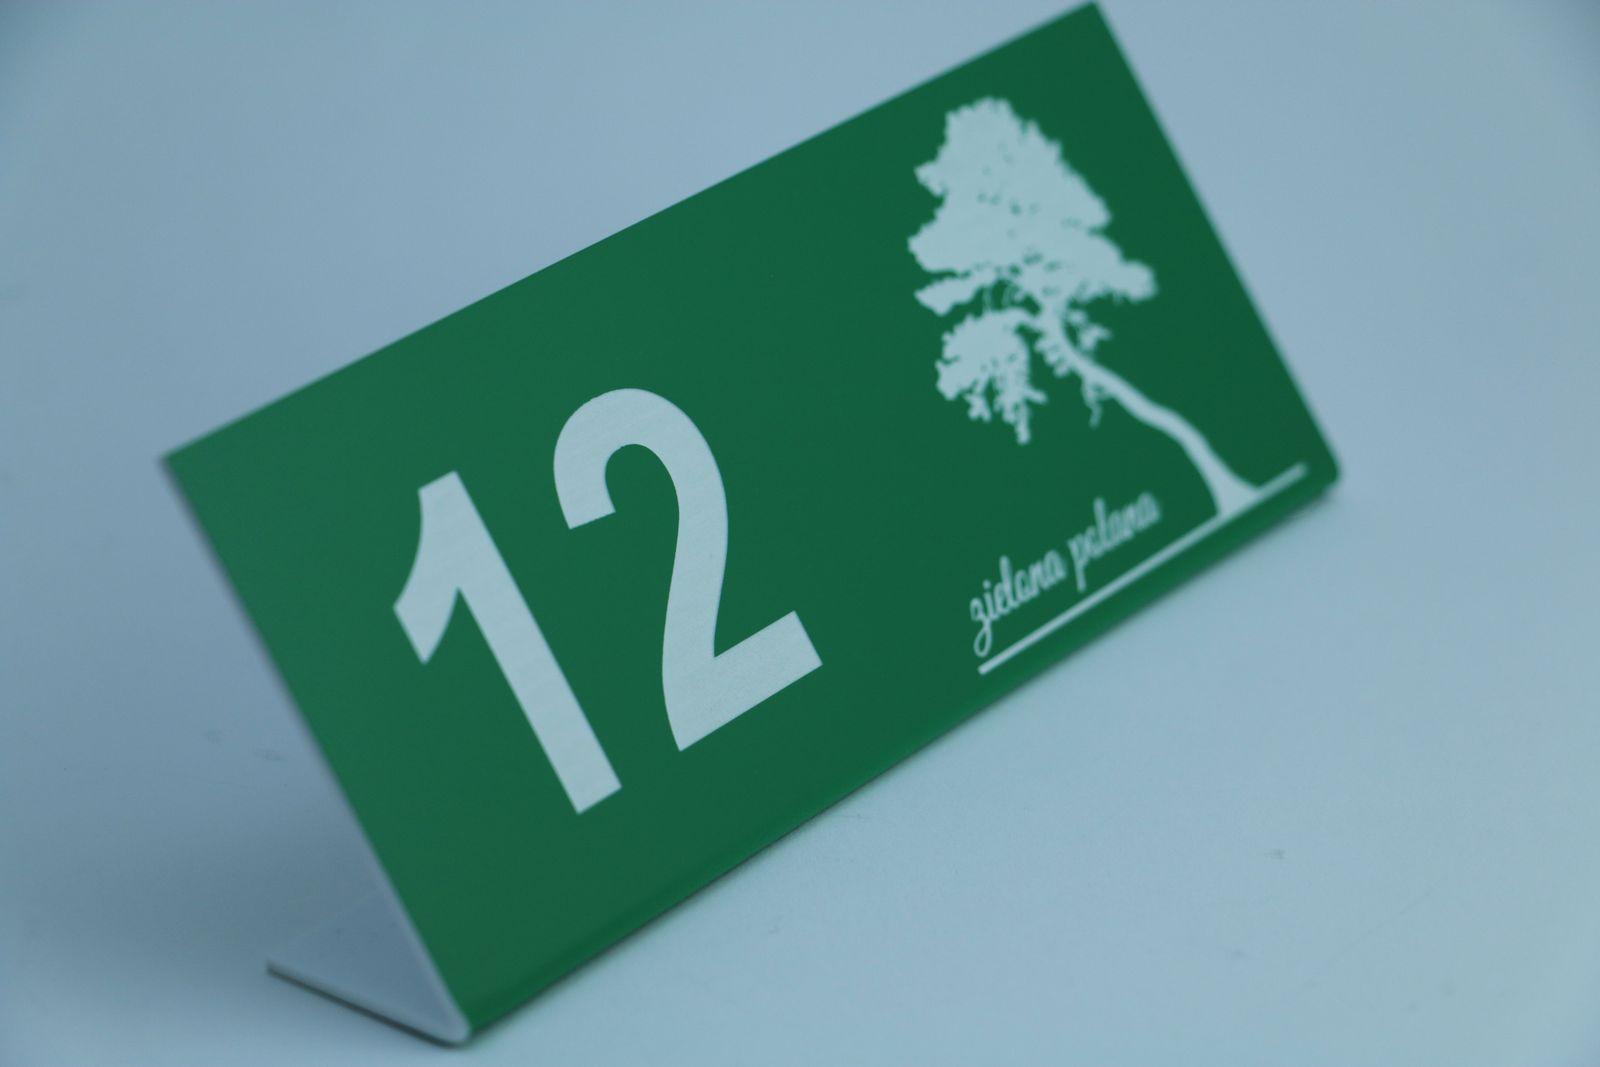 TABLICZKI REZERWACJE Z LOGO Tabliczka rezerwacja wykonana z laminatu grawerskiego 1,6 mm o wym. 15 cm x 6 cm z grawerem laserowym logo. Idealnie sprawdzi się  w każdym lokalu jest bardzo odporna na upadki.